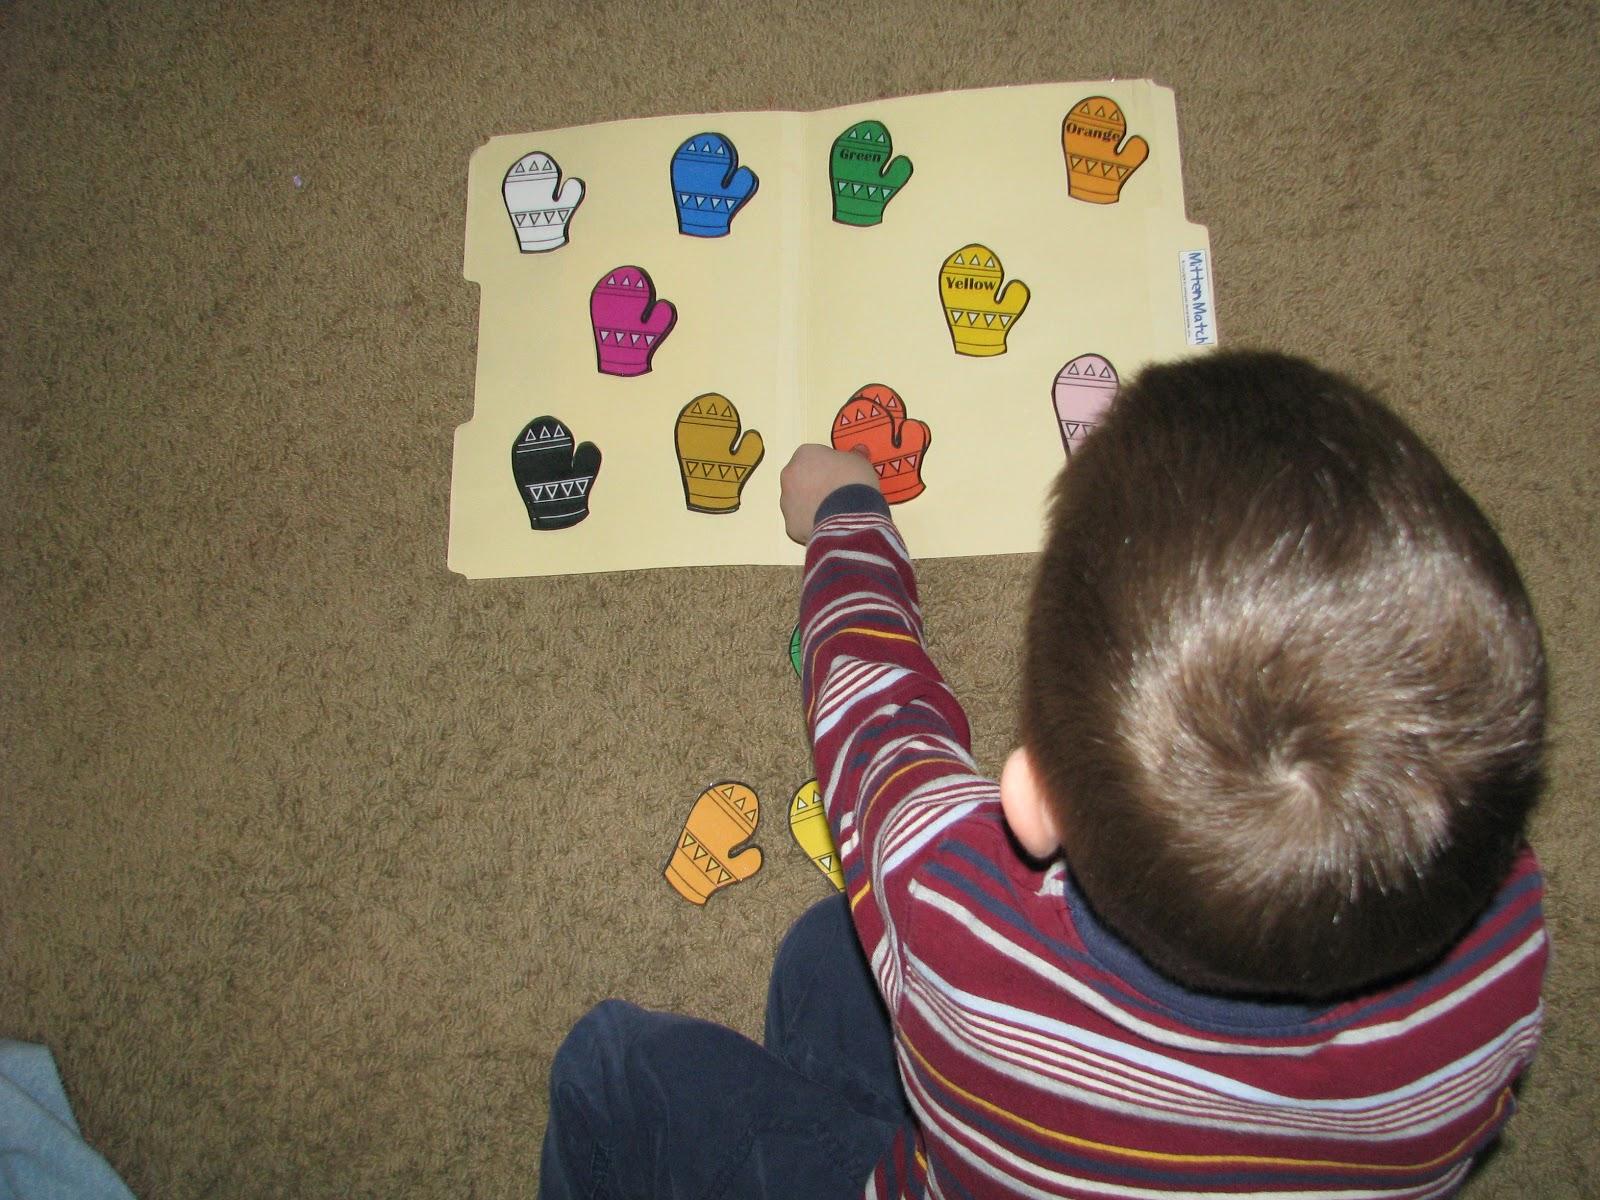 Mommy S Little Helper The Mitten By Jan Brett